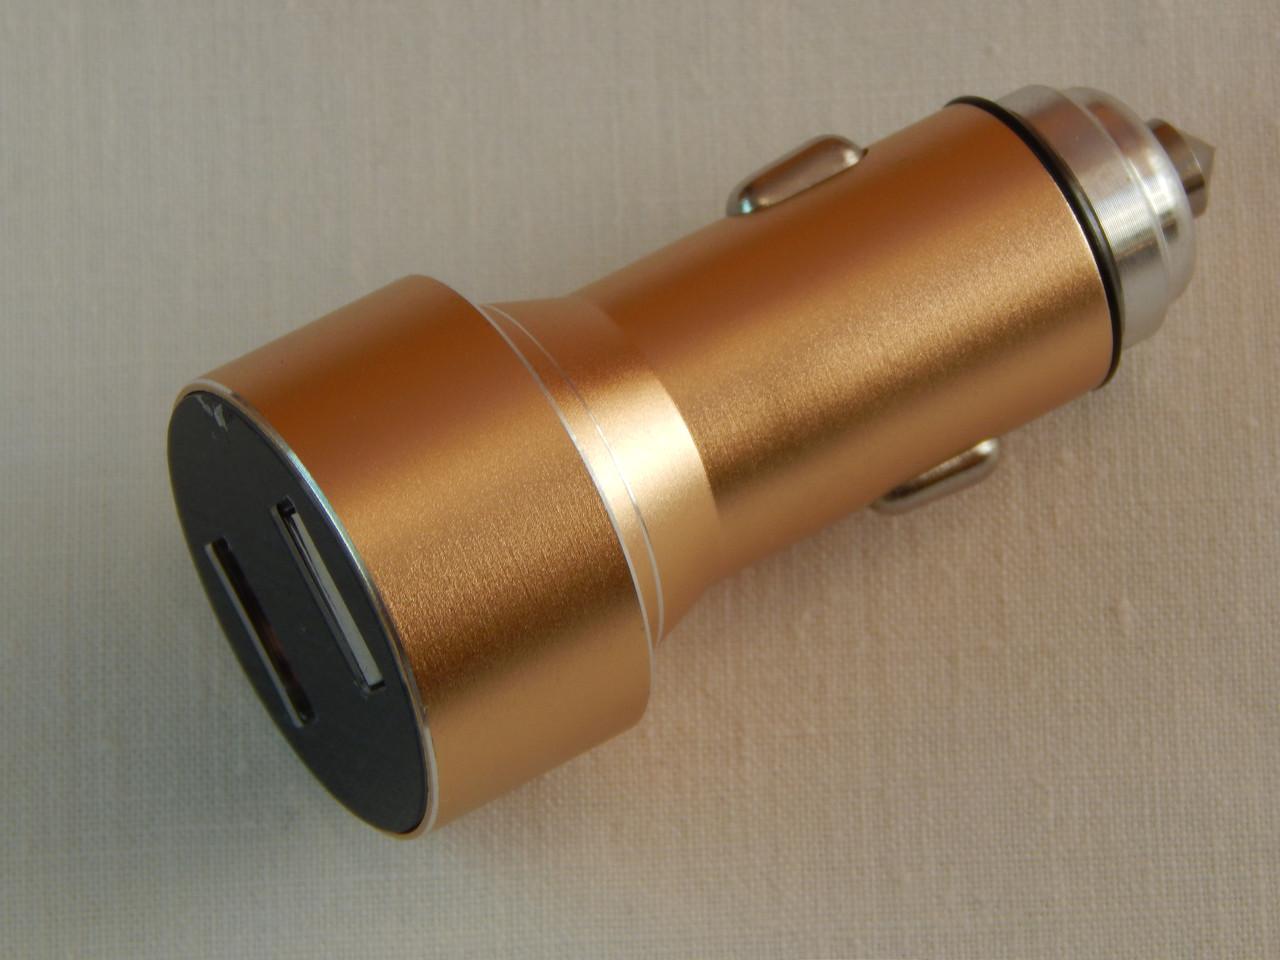 Пристрій зарядний, автомобільний ZIRY Intelligent Chargent USB 1А+2,1А з індикацією, золото